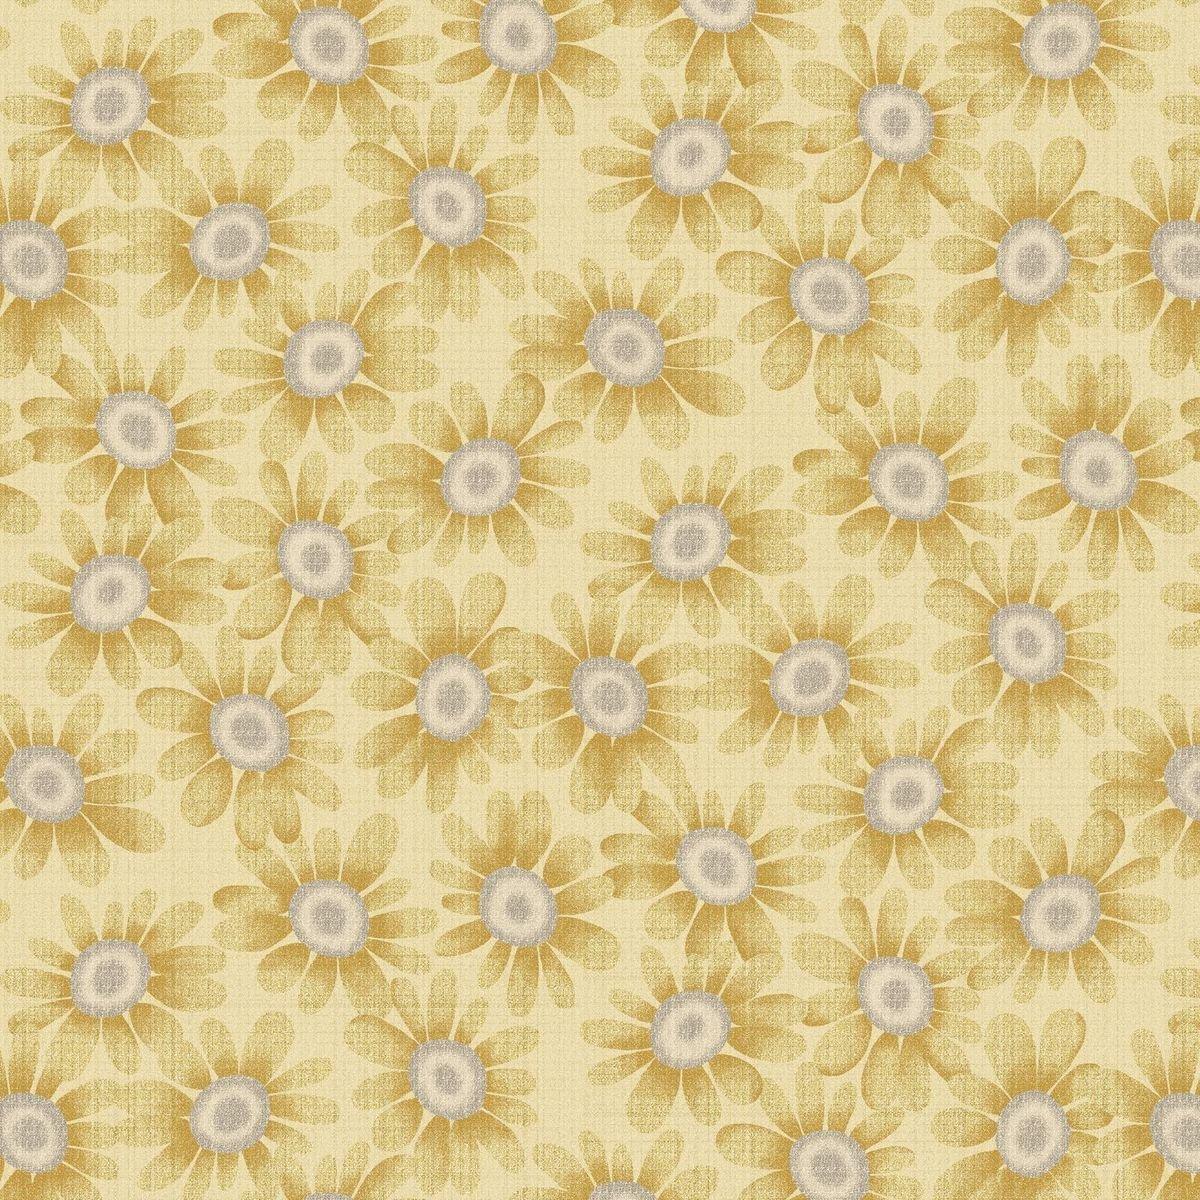 HG-Blessings of Home 2683-44 Lt Gold - Sunflowers